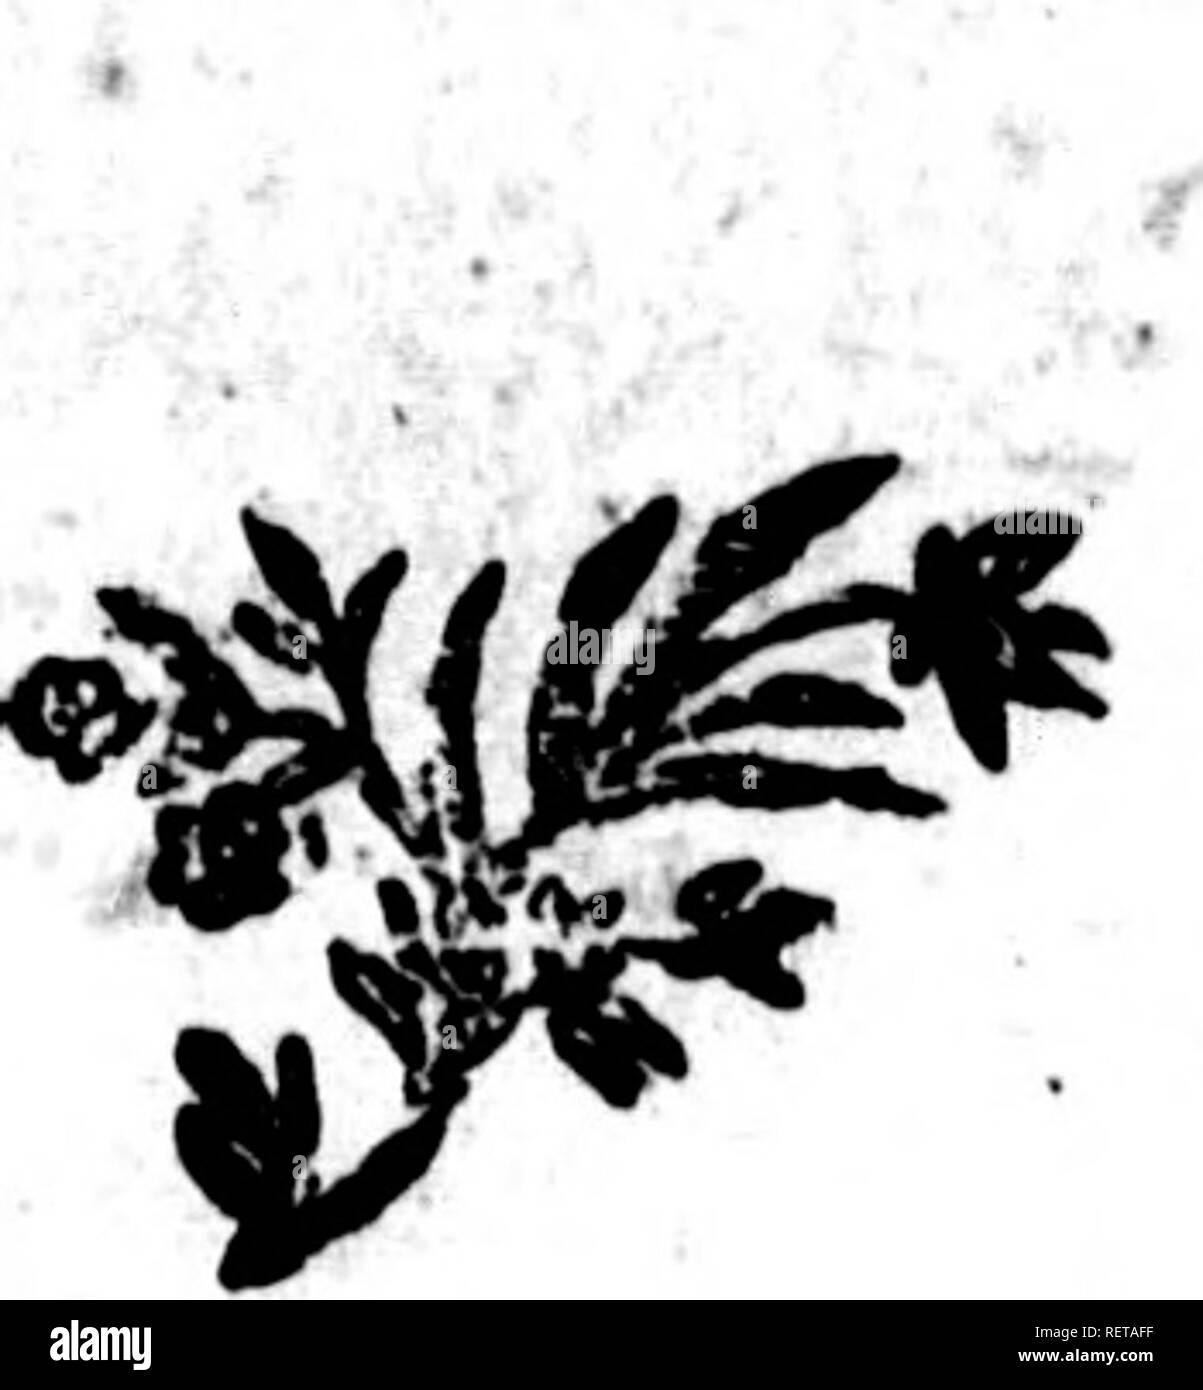 """. Histoire naturelle, générale et particulière [microforme] : servant de suite à l'histoire des animaux quadrupèdes. Sciences naturelles; Natural history. des Animaux quairupèdts. K39 LE PHOQUE NEITSOAK. Cinquième efpèce. L A CINQUIÃME ESPÃCE dePhoque lans oreilles externes, eft appellée niet"""" foak par les Groenlaiidois *, il eft plus petit que les précédens^ Ton poil eft; mêlé de foies brunes & aufïï rudes que , celles du cochon -, la couleur en eft . variée par de grandes taches , & il. eft hérilFé comme celui de Tours-ma- riiî (t). vTfxv â¢.* â .' i 'i (t) Pho - Stock Image"""